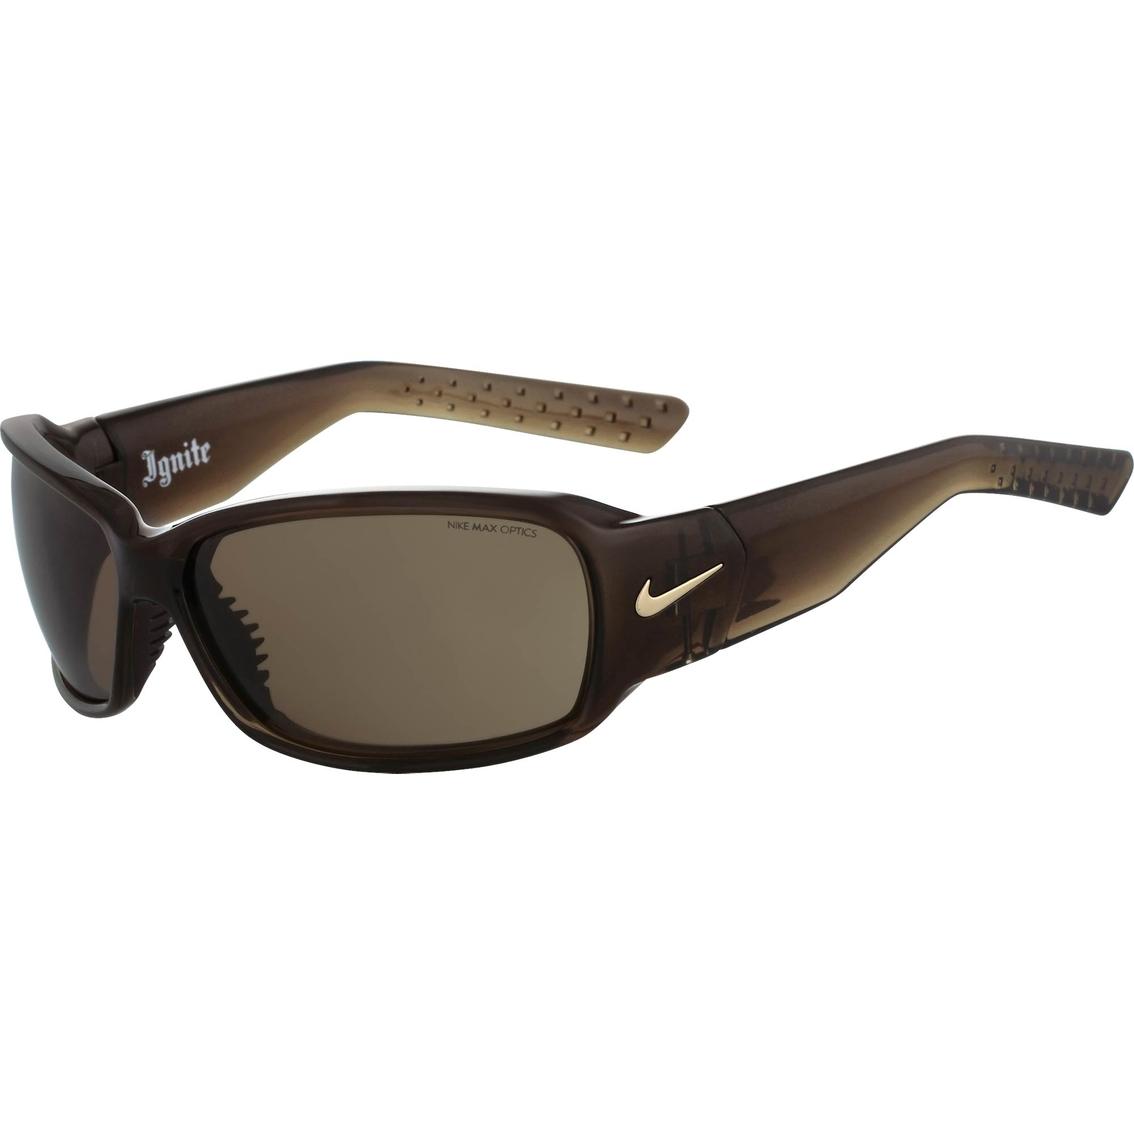 7d3c96f129 Nike Ignite Nylon Rectangle Sunglasses Ev0575